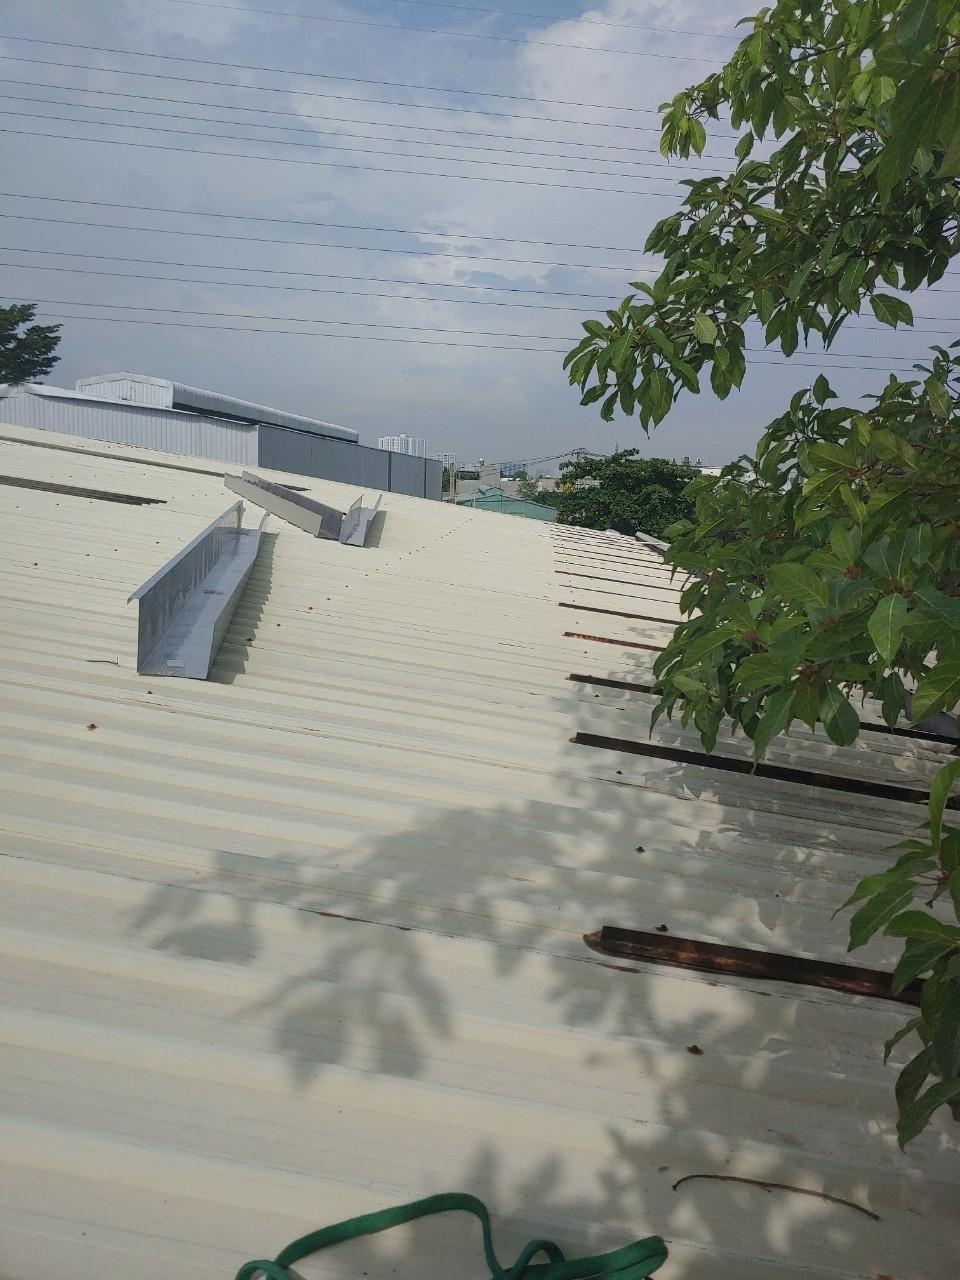 dịch vụ làm mái tôn tại quận Hai Bà Trưng Hà nội - Mái Nhà Đẹp - 0368115251